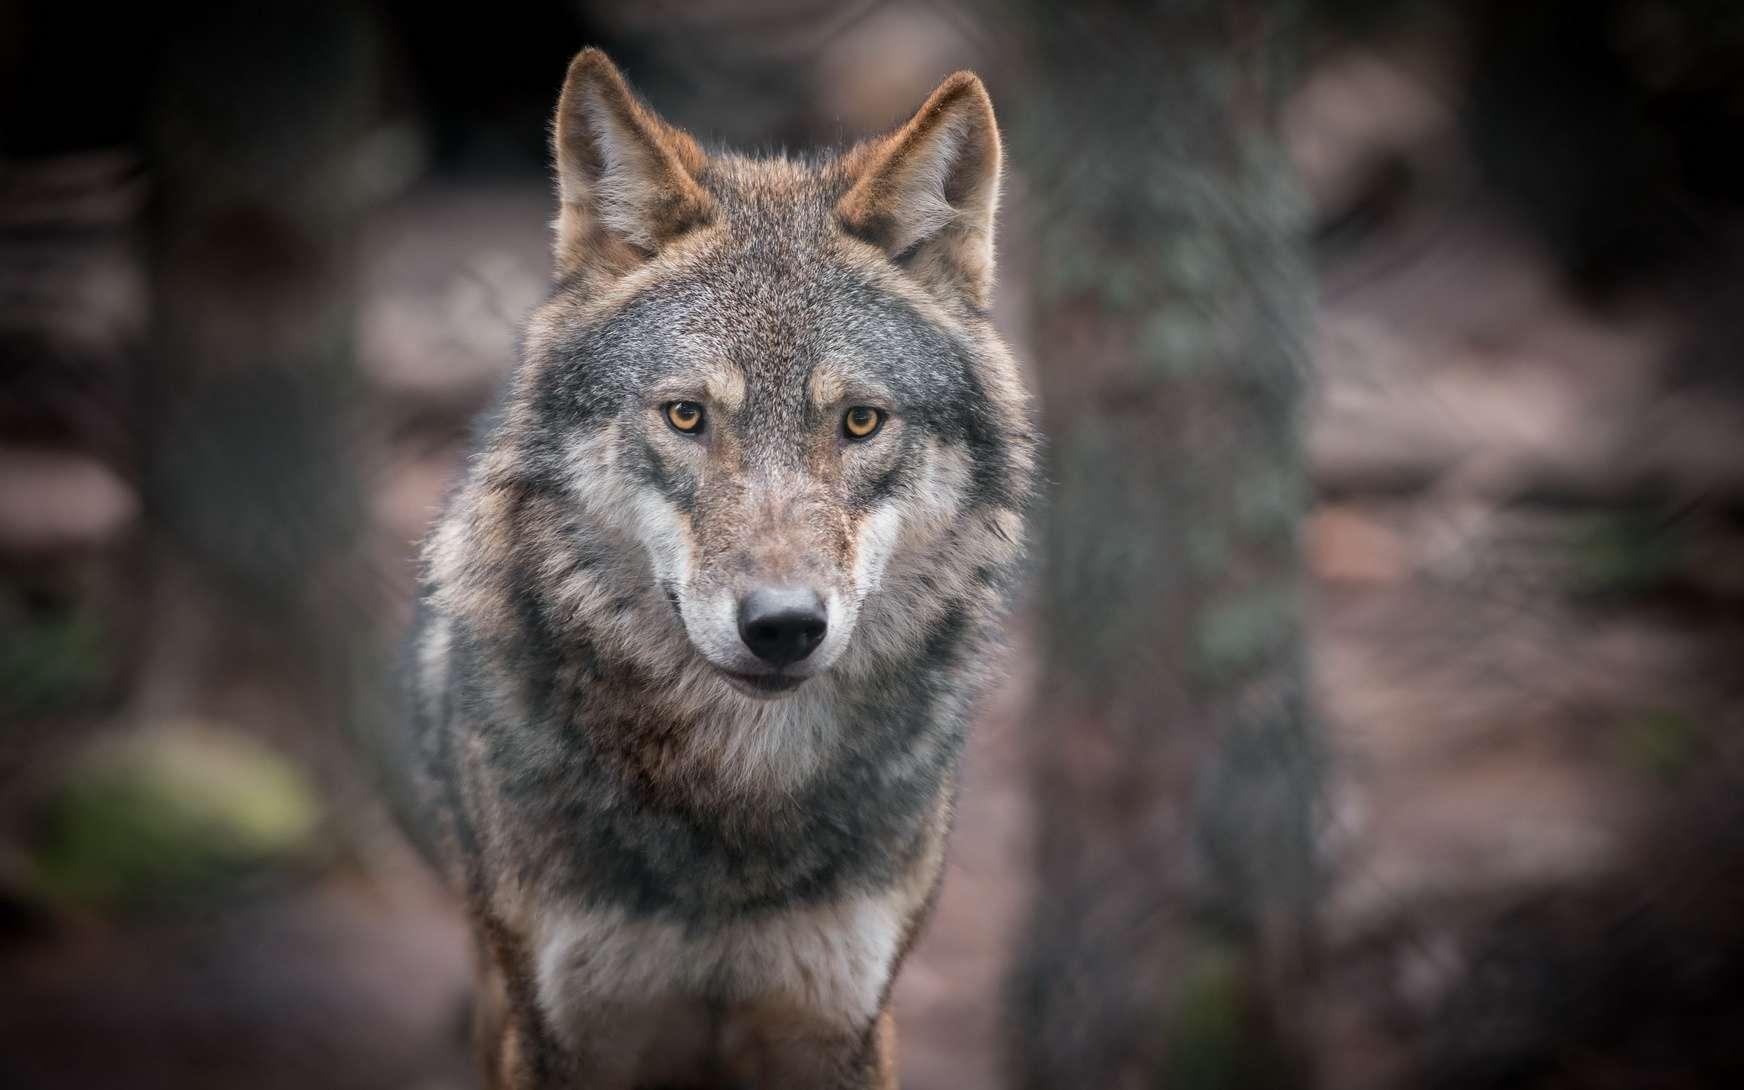 Les loups du parc à loups du Gévaudan s'ébattent sur 20 hectares, dont 7 sont ouverts aux visiteurs. © Vjaceslavs, fotolia